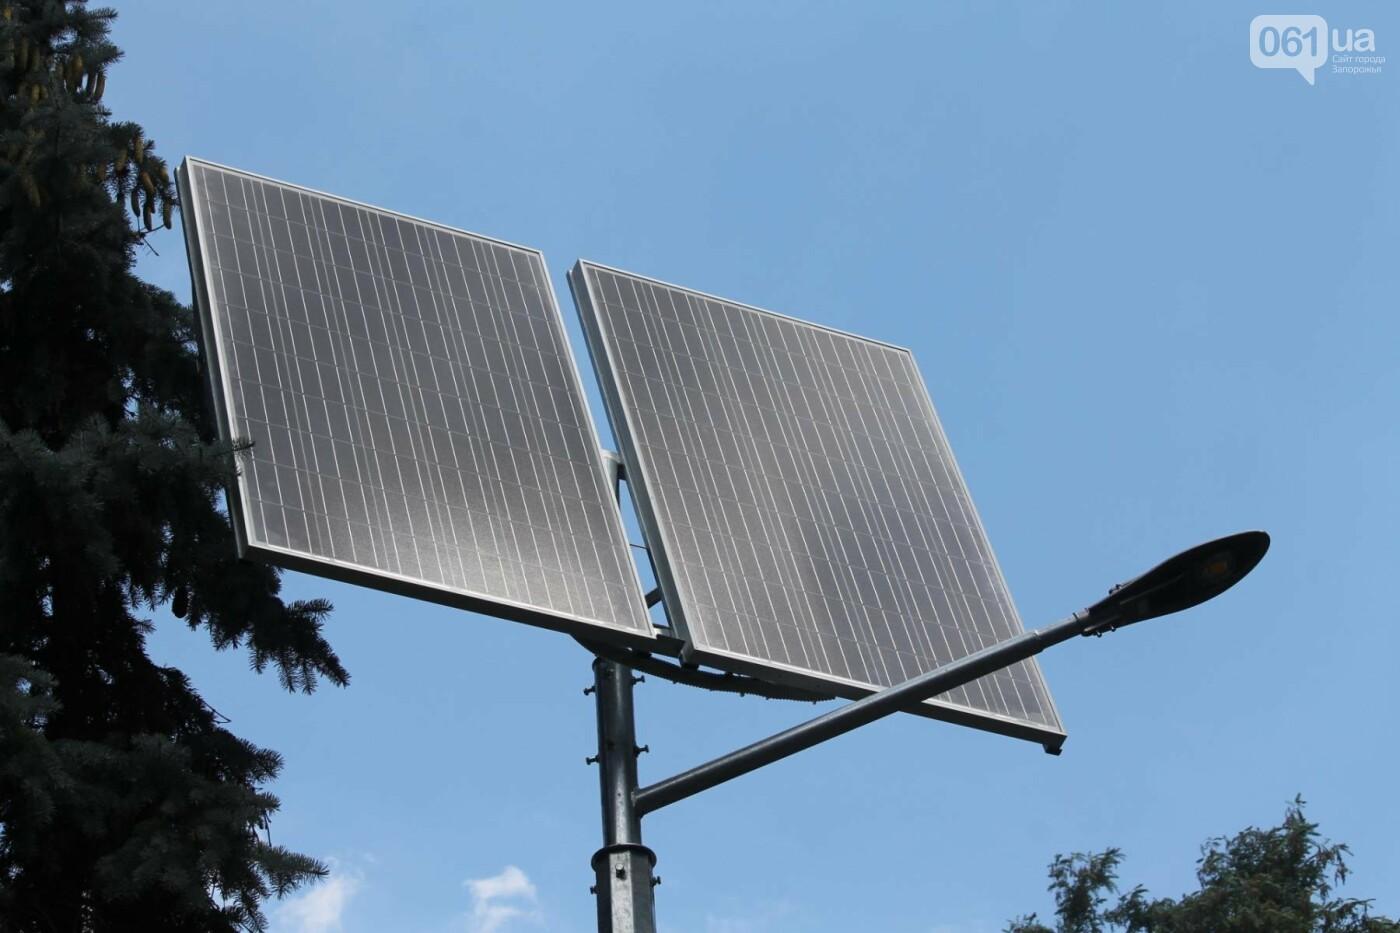 «Мы реализуем проекты, которые другим кажутся невыполнимыми»: как запорожская компания строит уникальные солнечные станции, фото-11